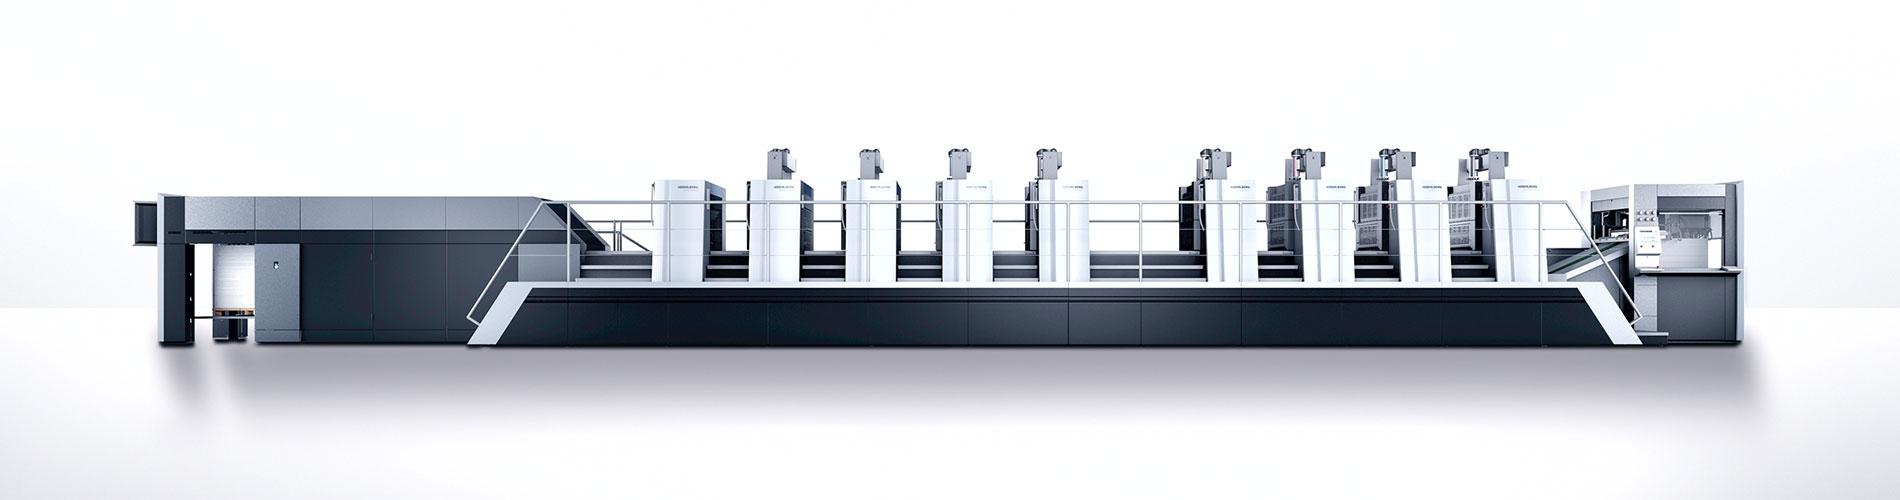 Weltpremiere-XL106-8P+L-X3-LE-UV